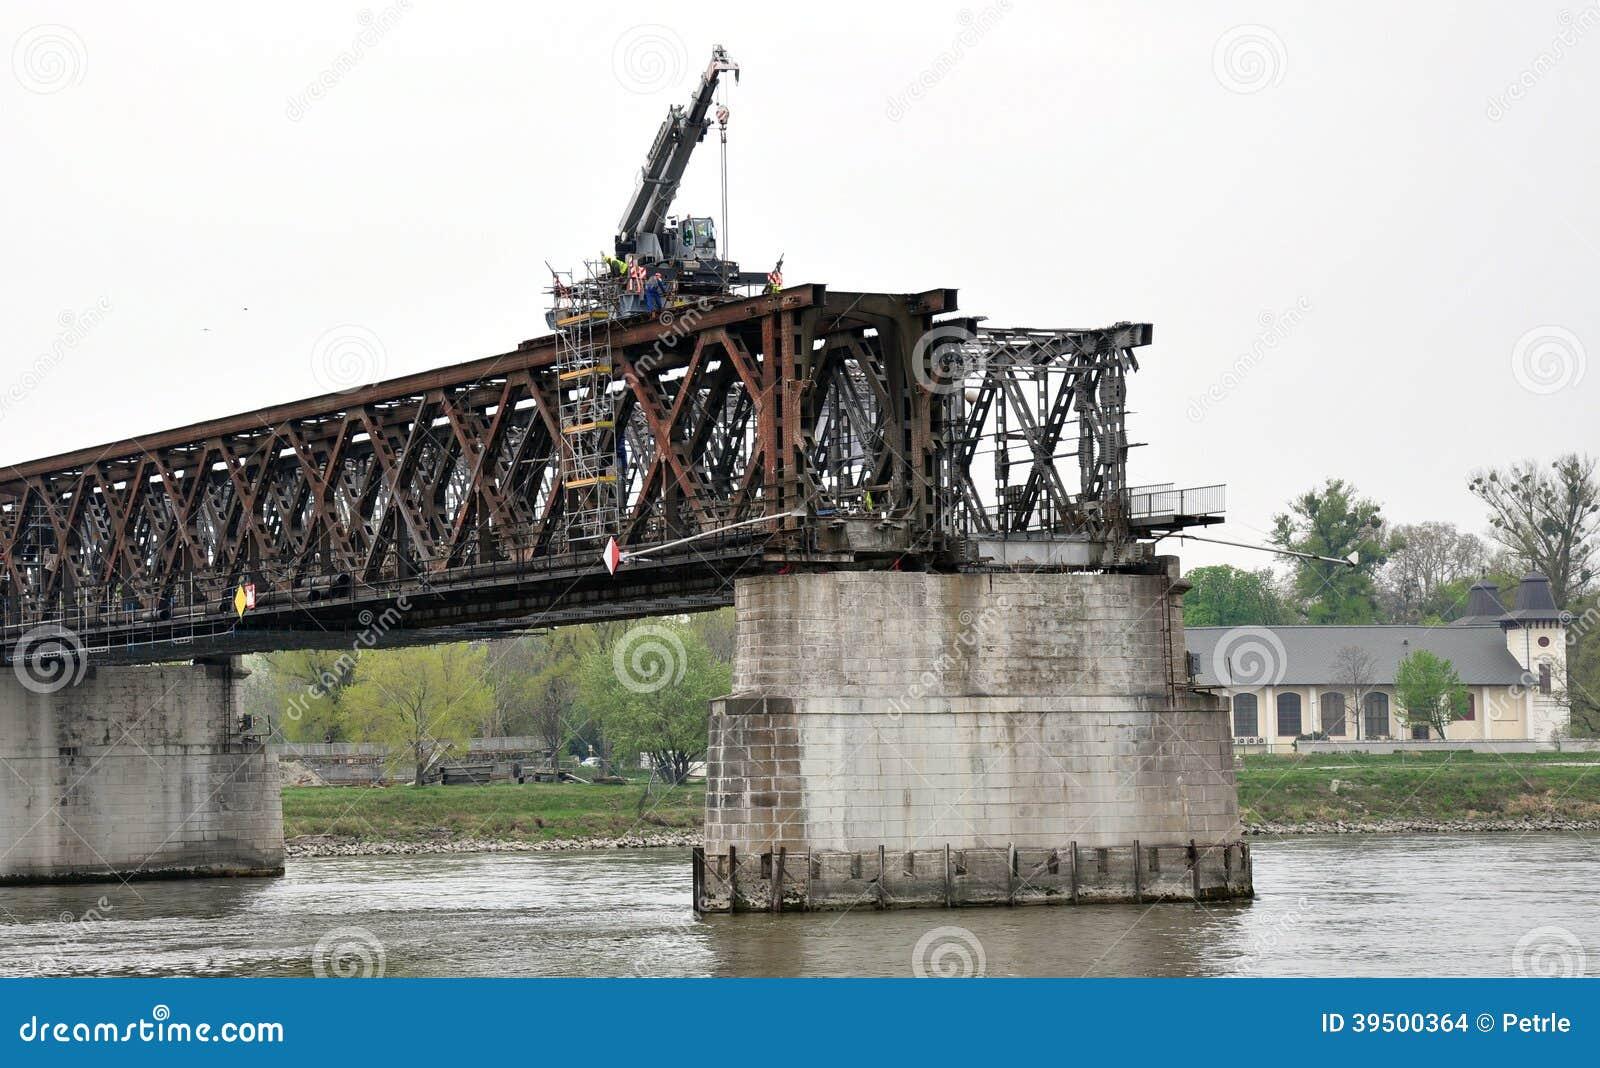 Crane on the old bridge